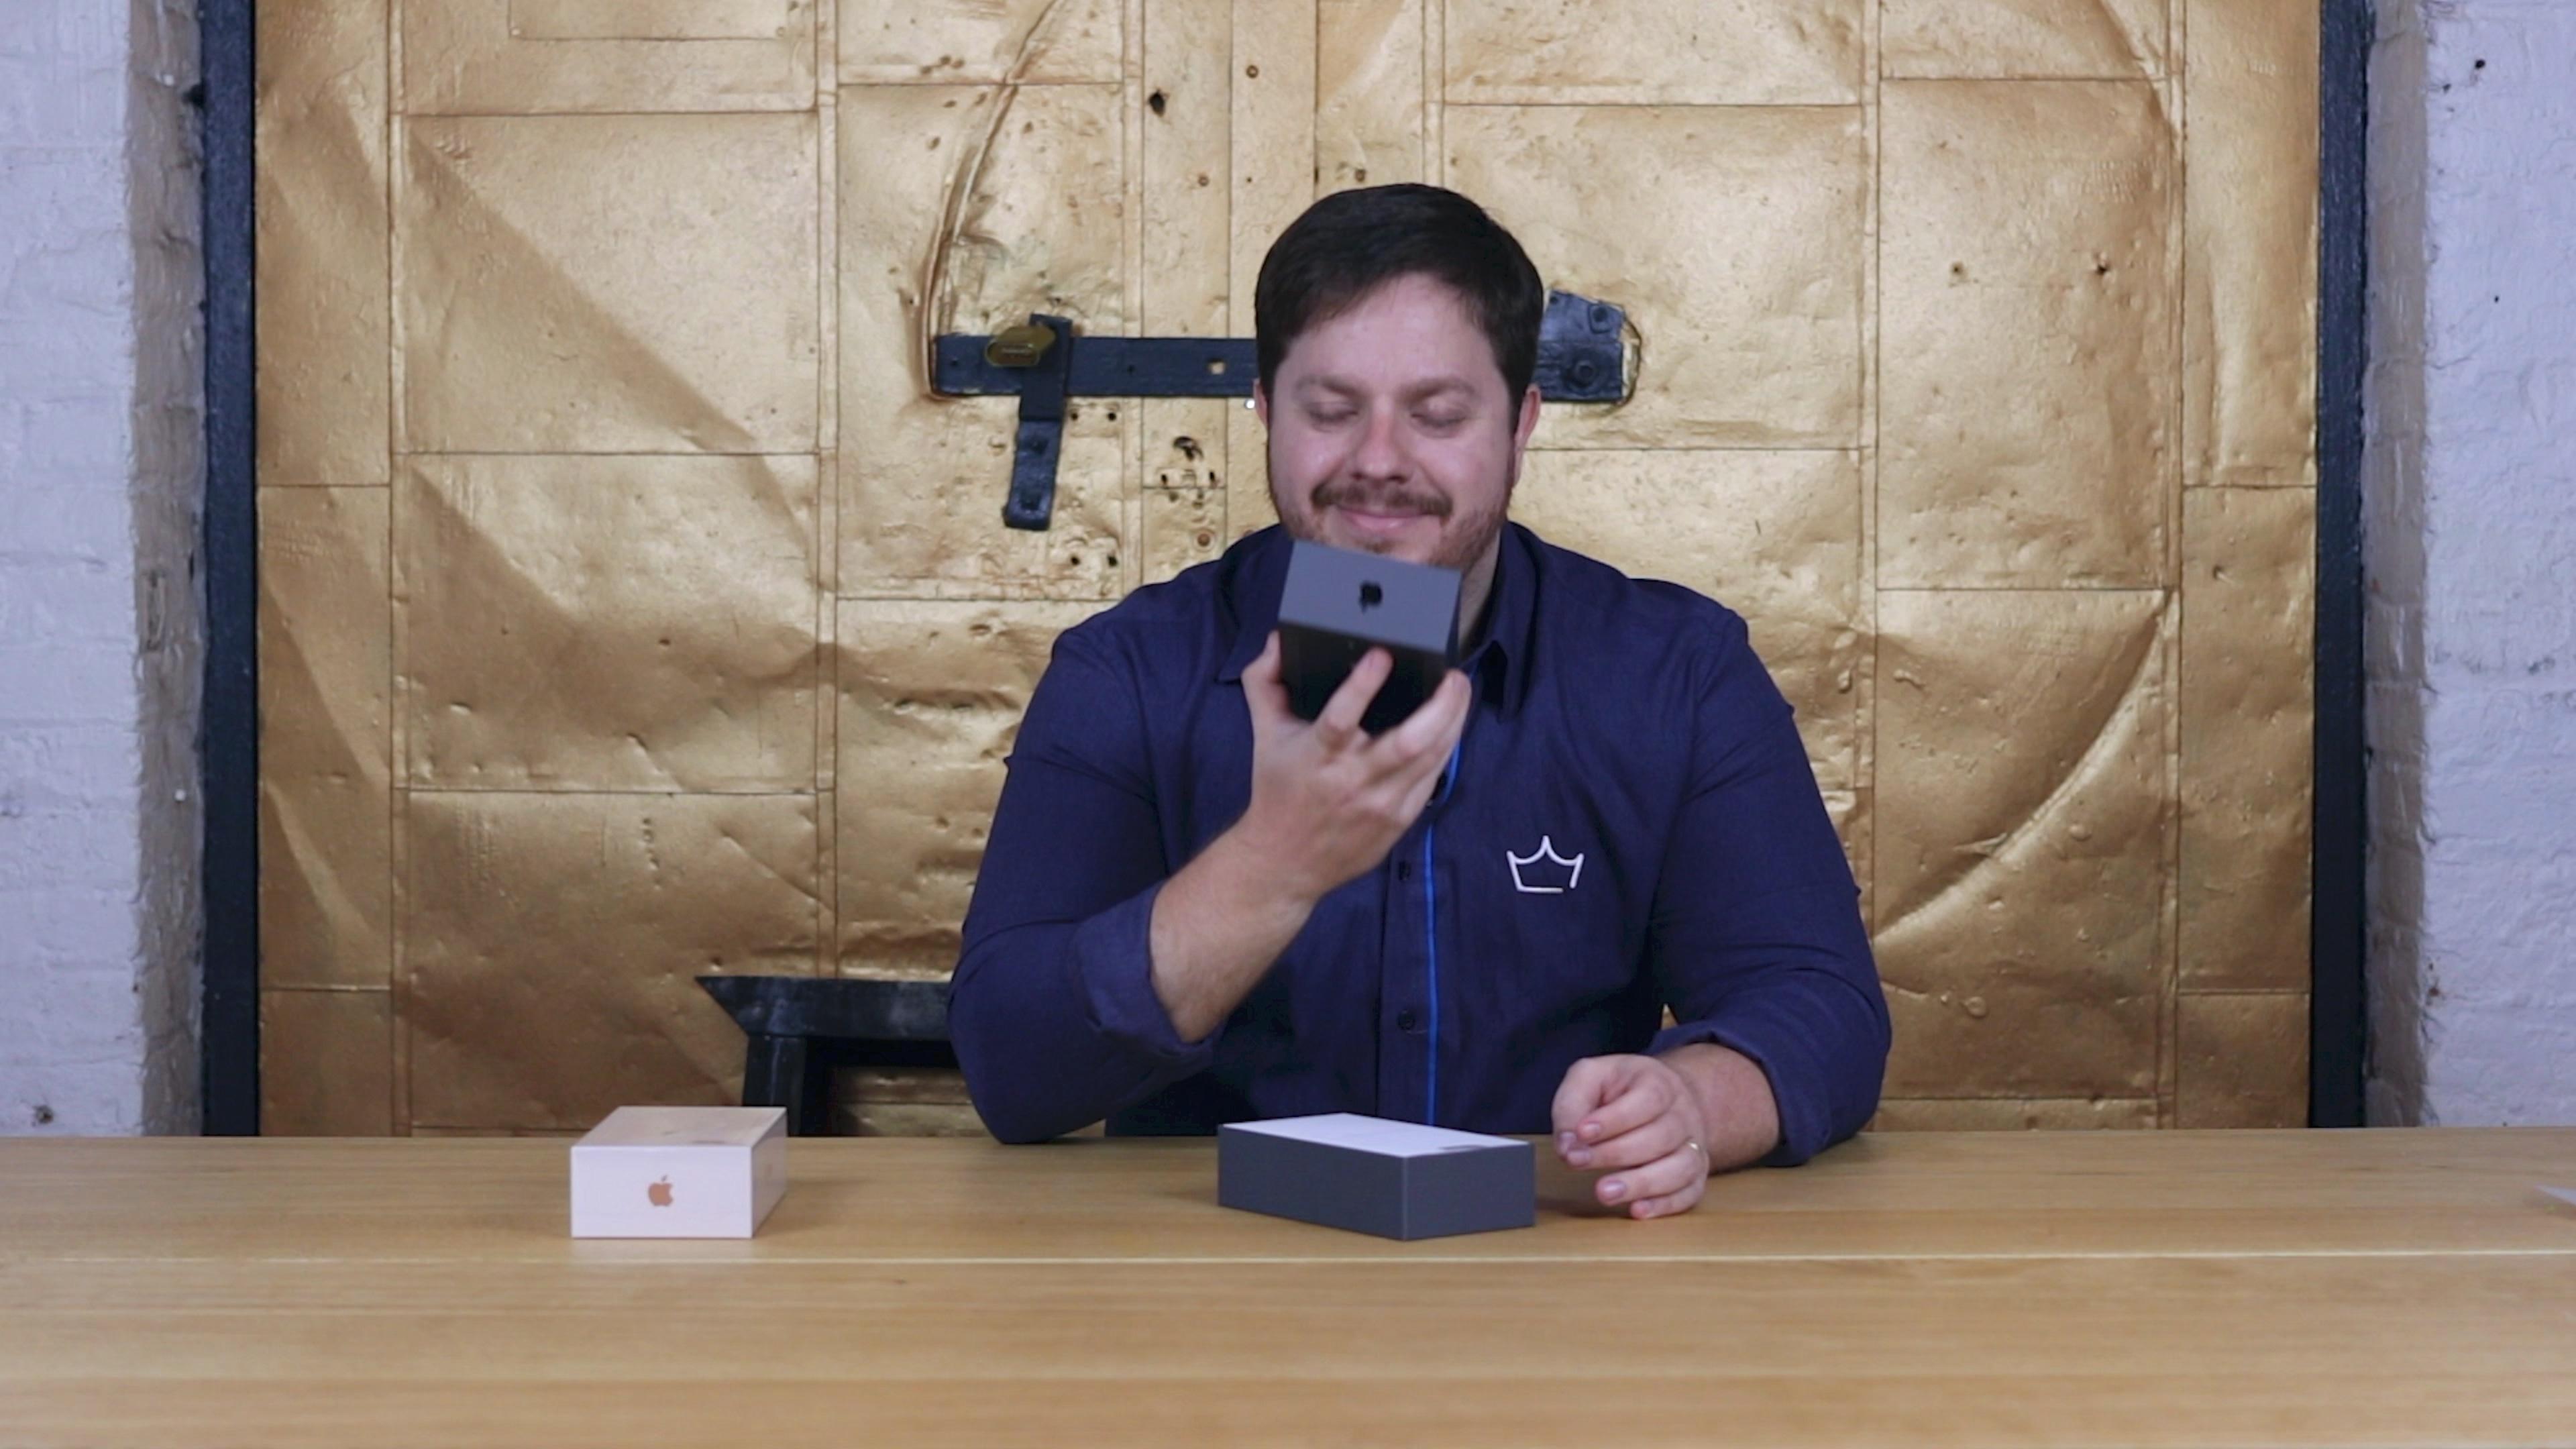 Vídeo de unboxing do iPhone 8 Plus